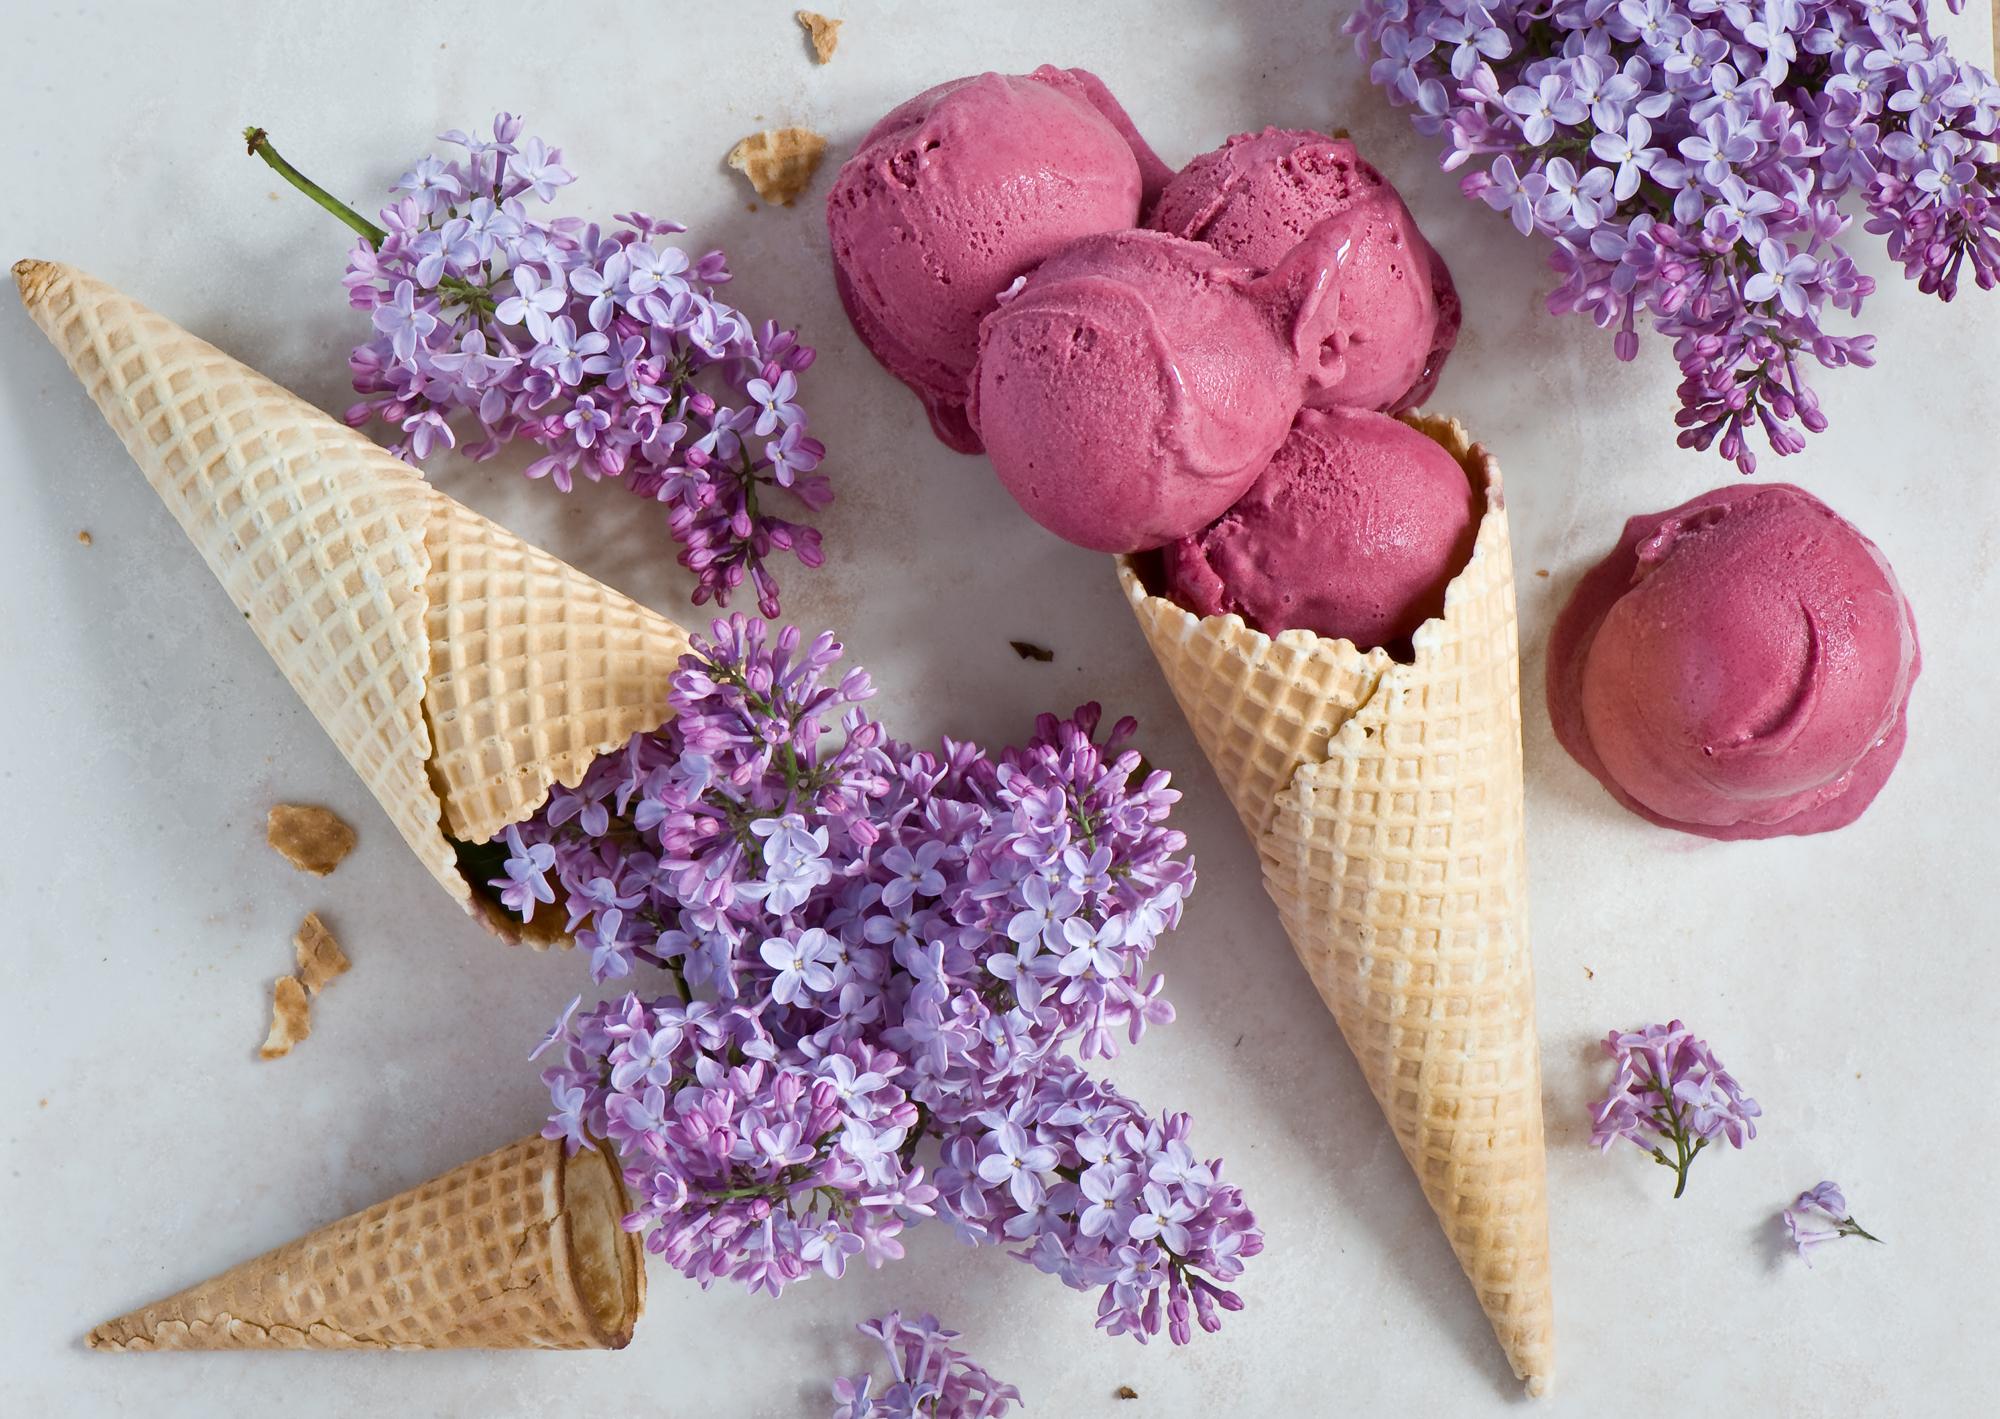 природа цветы сирень сахар блюдо  № 1154263 бесплатно